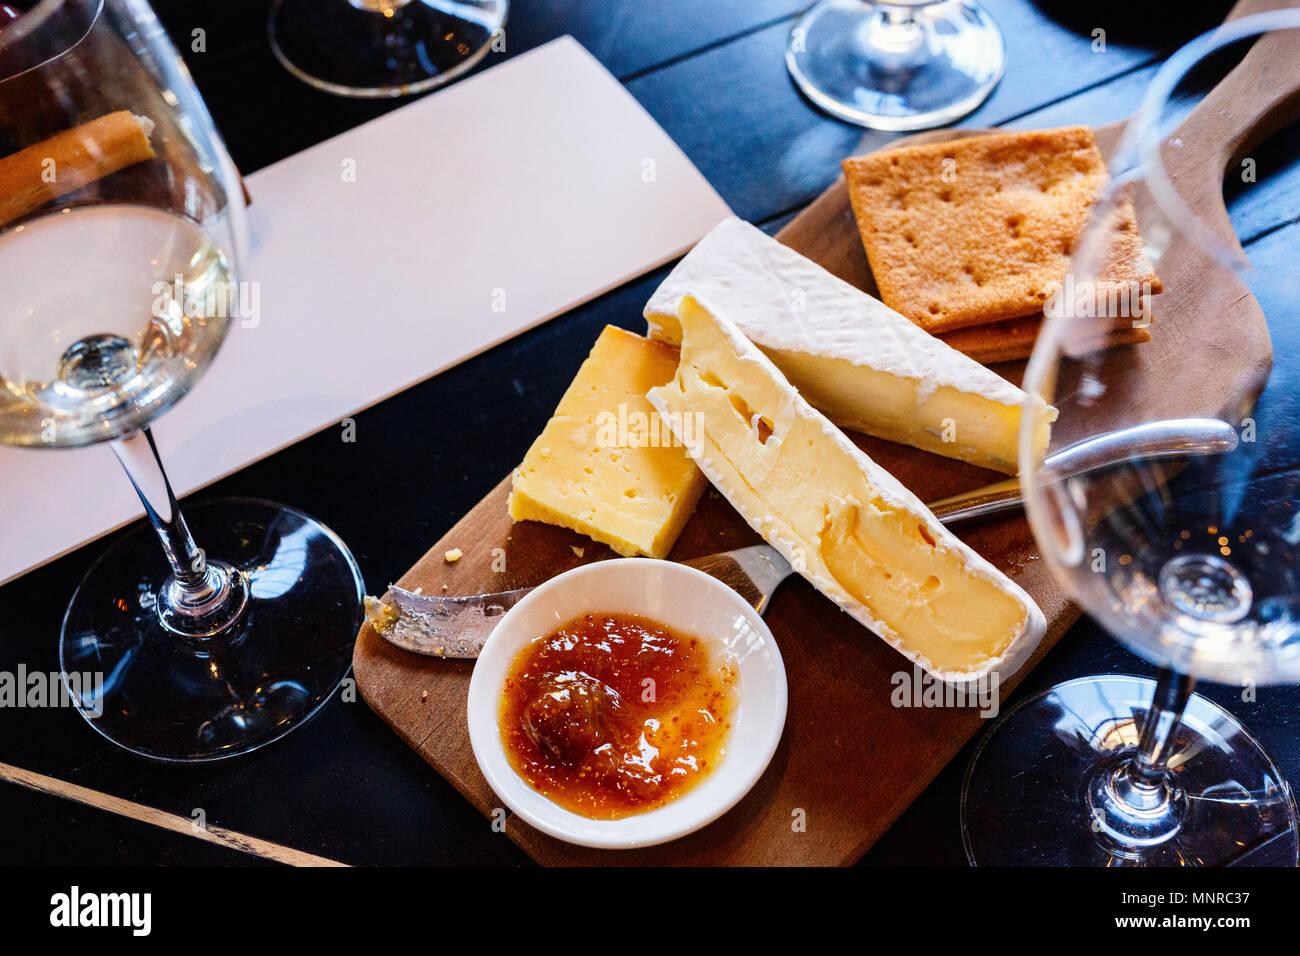 Cata de vinos y quesos en Sudáfrica estate en Western Cape región vitivinícola Imagen De Stock